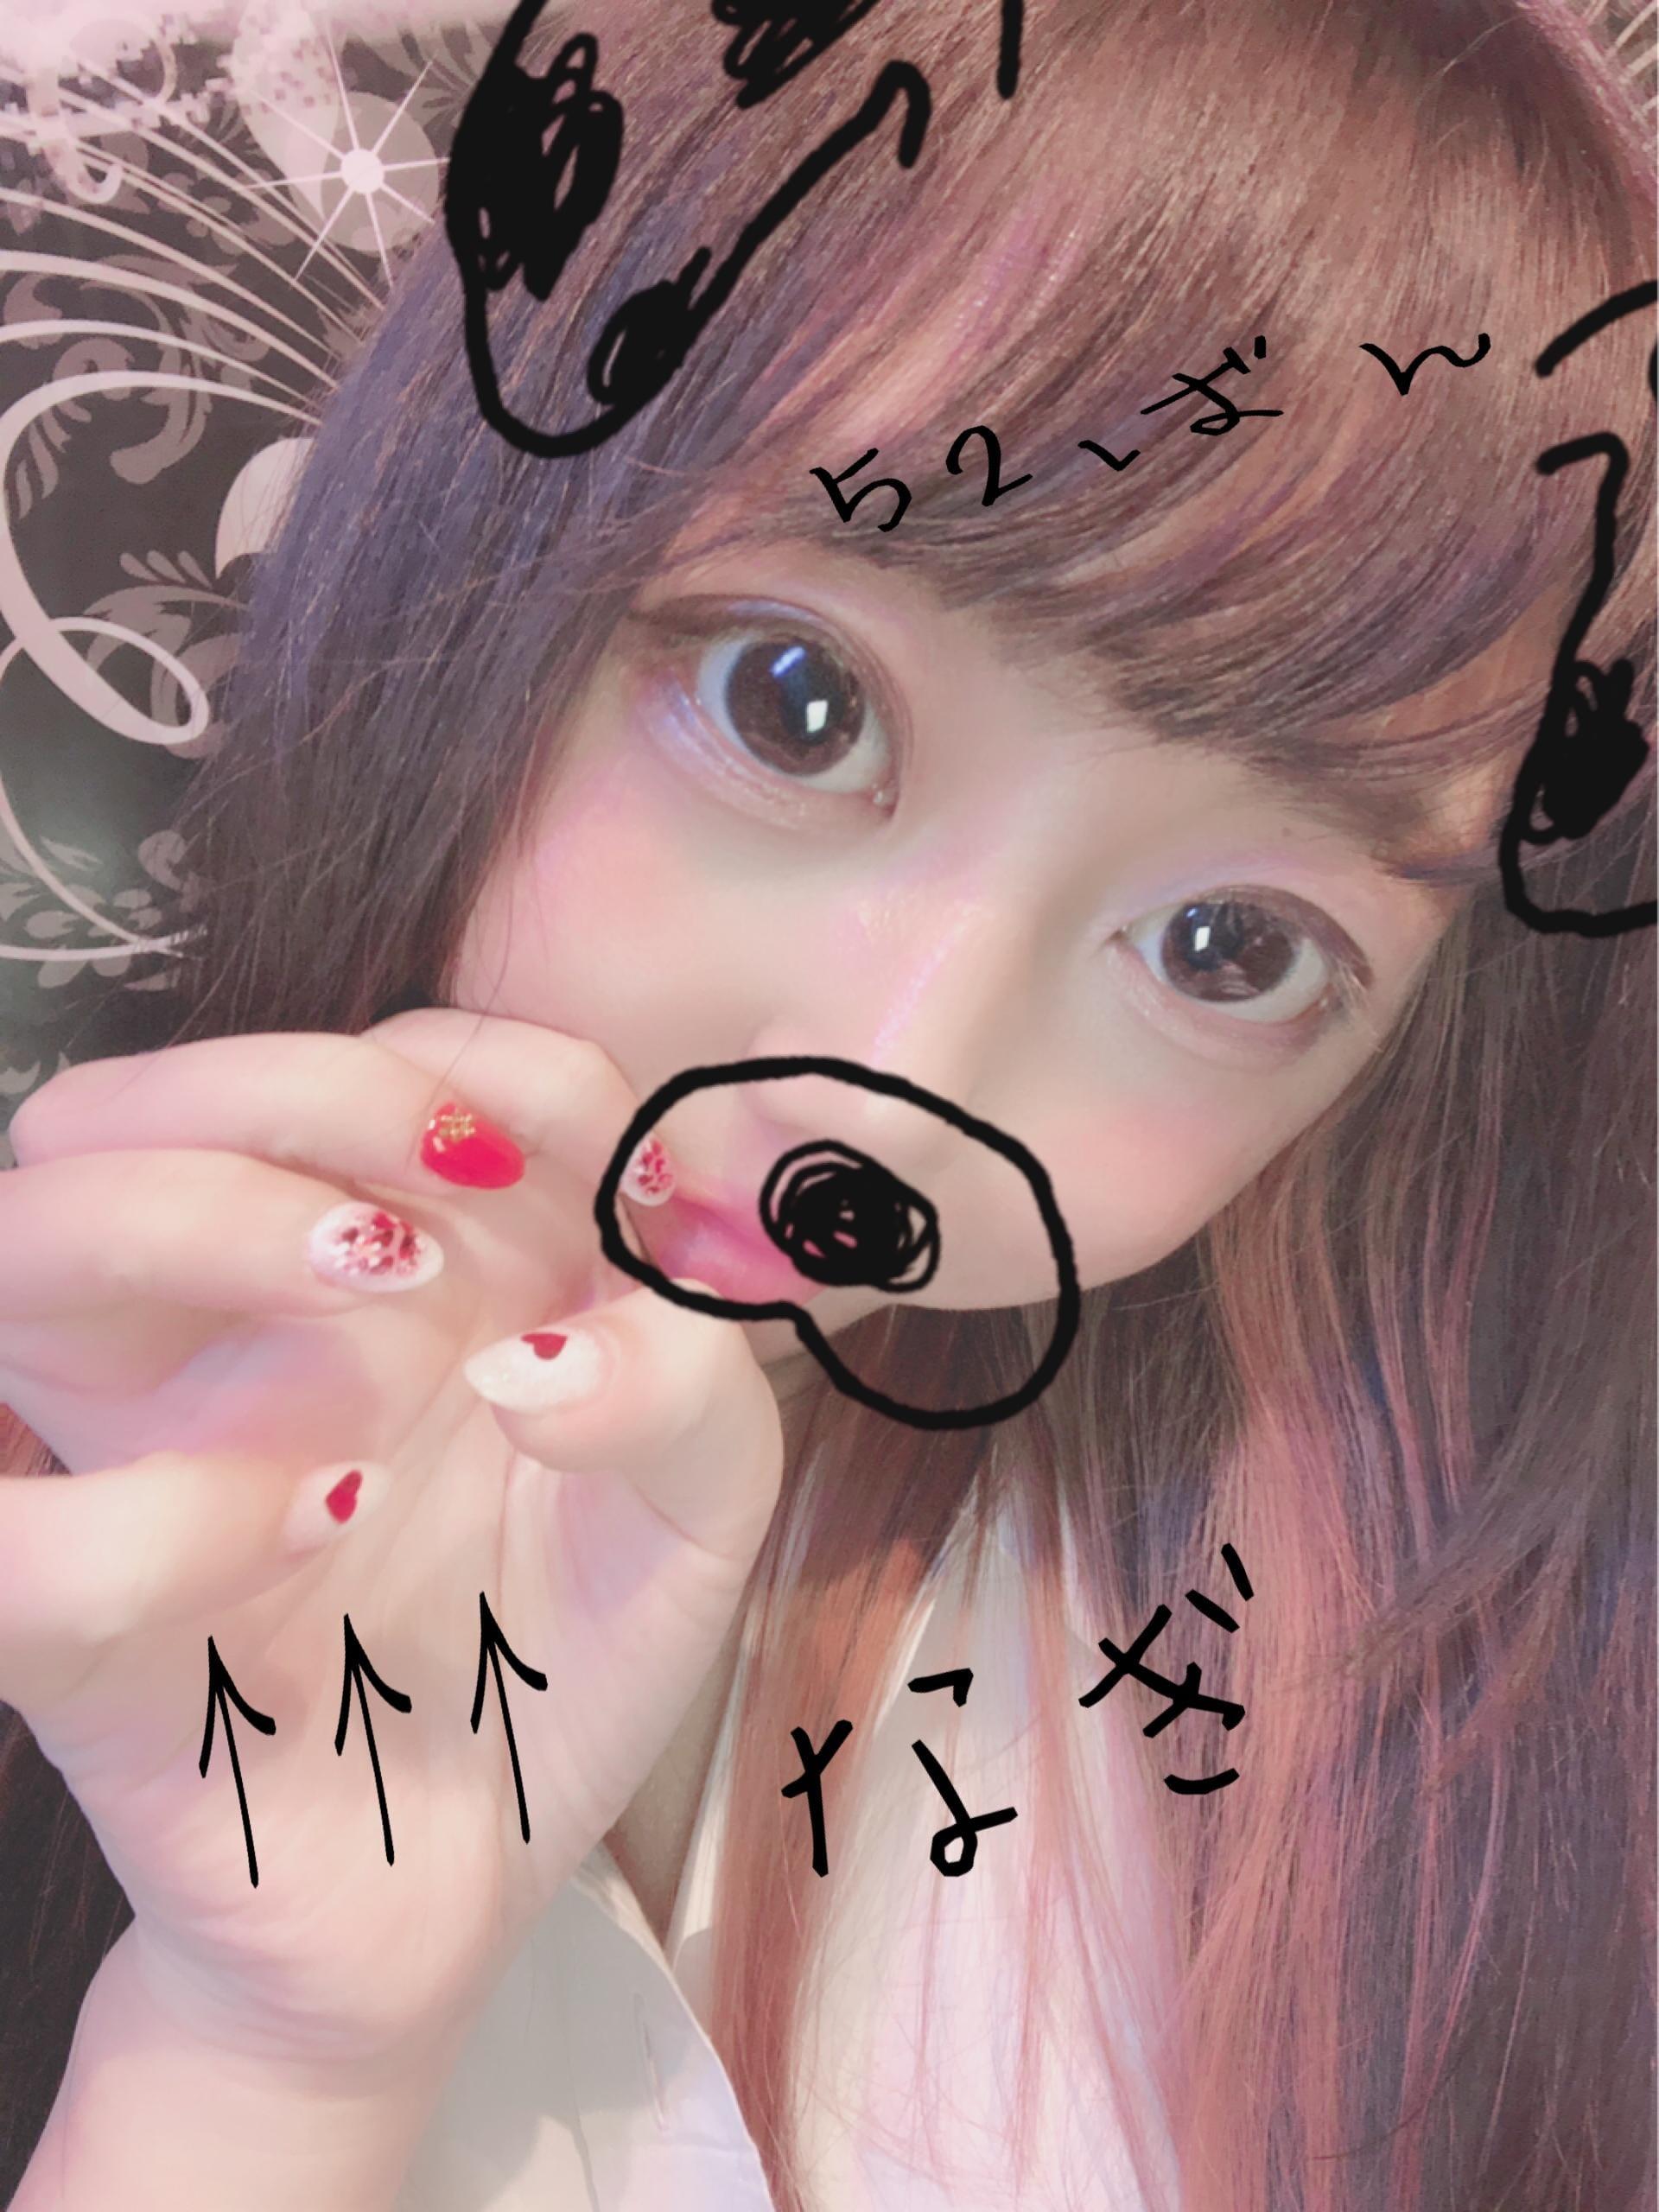 「こんばんわんっ!」12/07(金) 19:15 | なぎの写メ・風俗動画